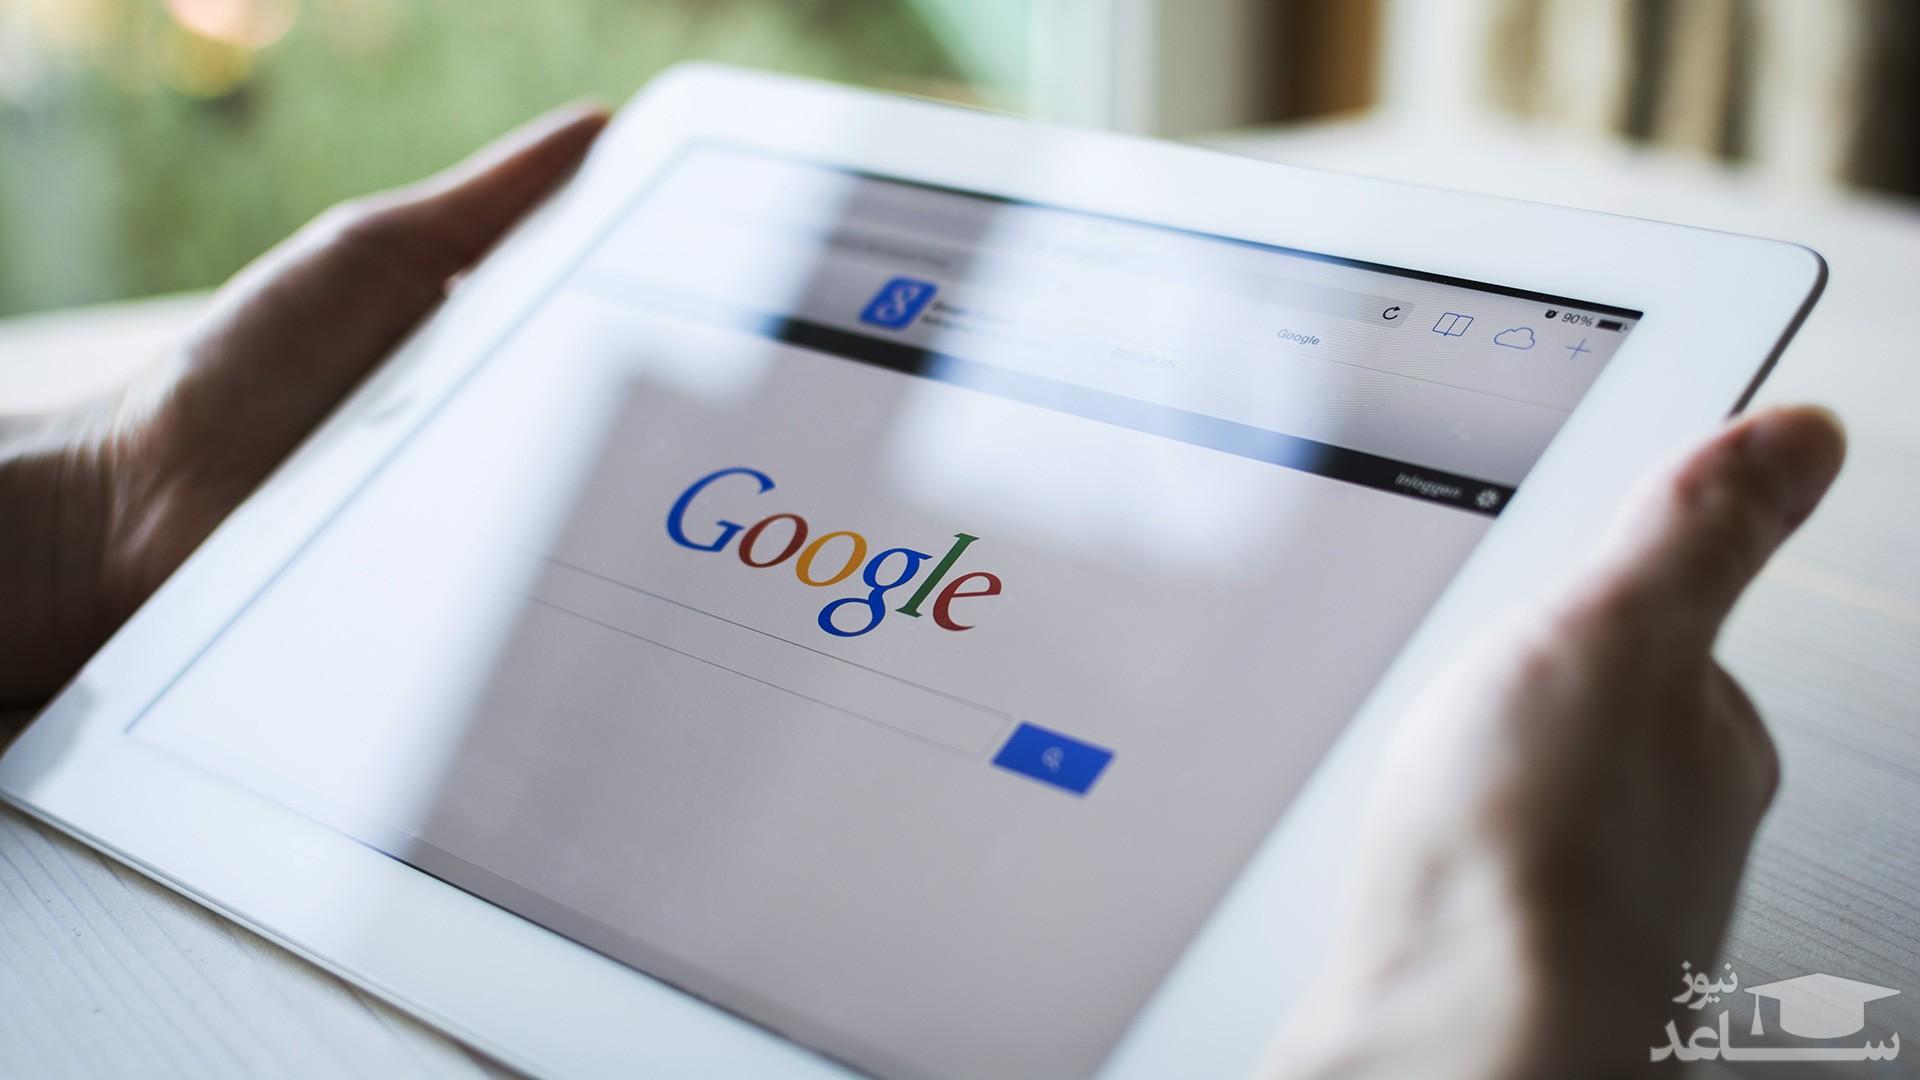 اصول و نحوه جستجو در گوگل